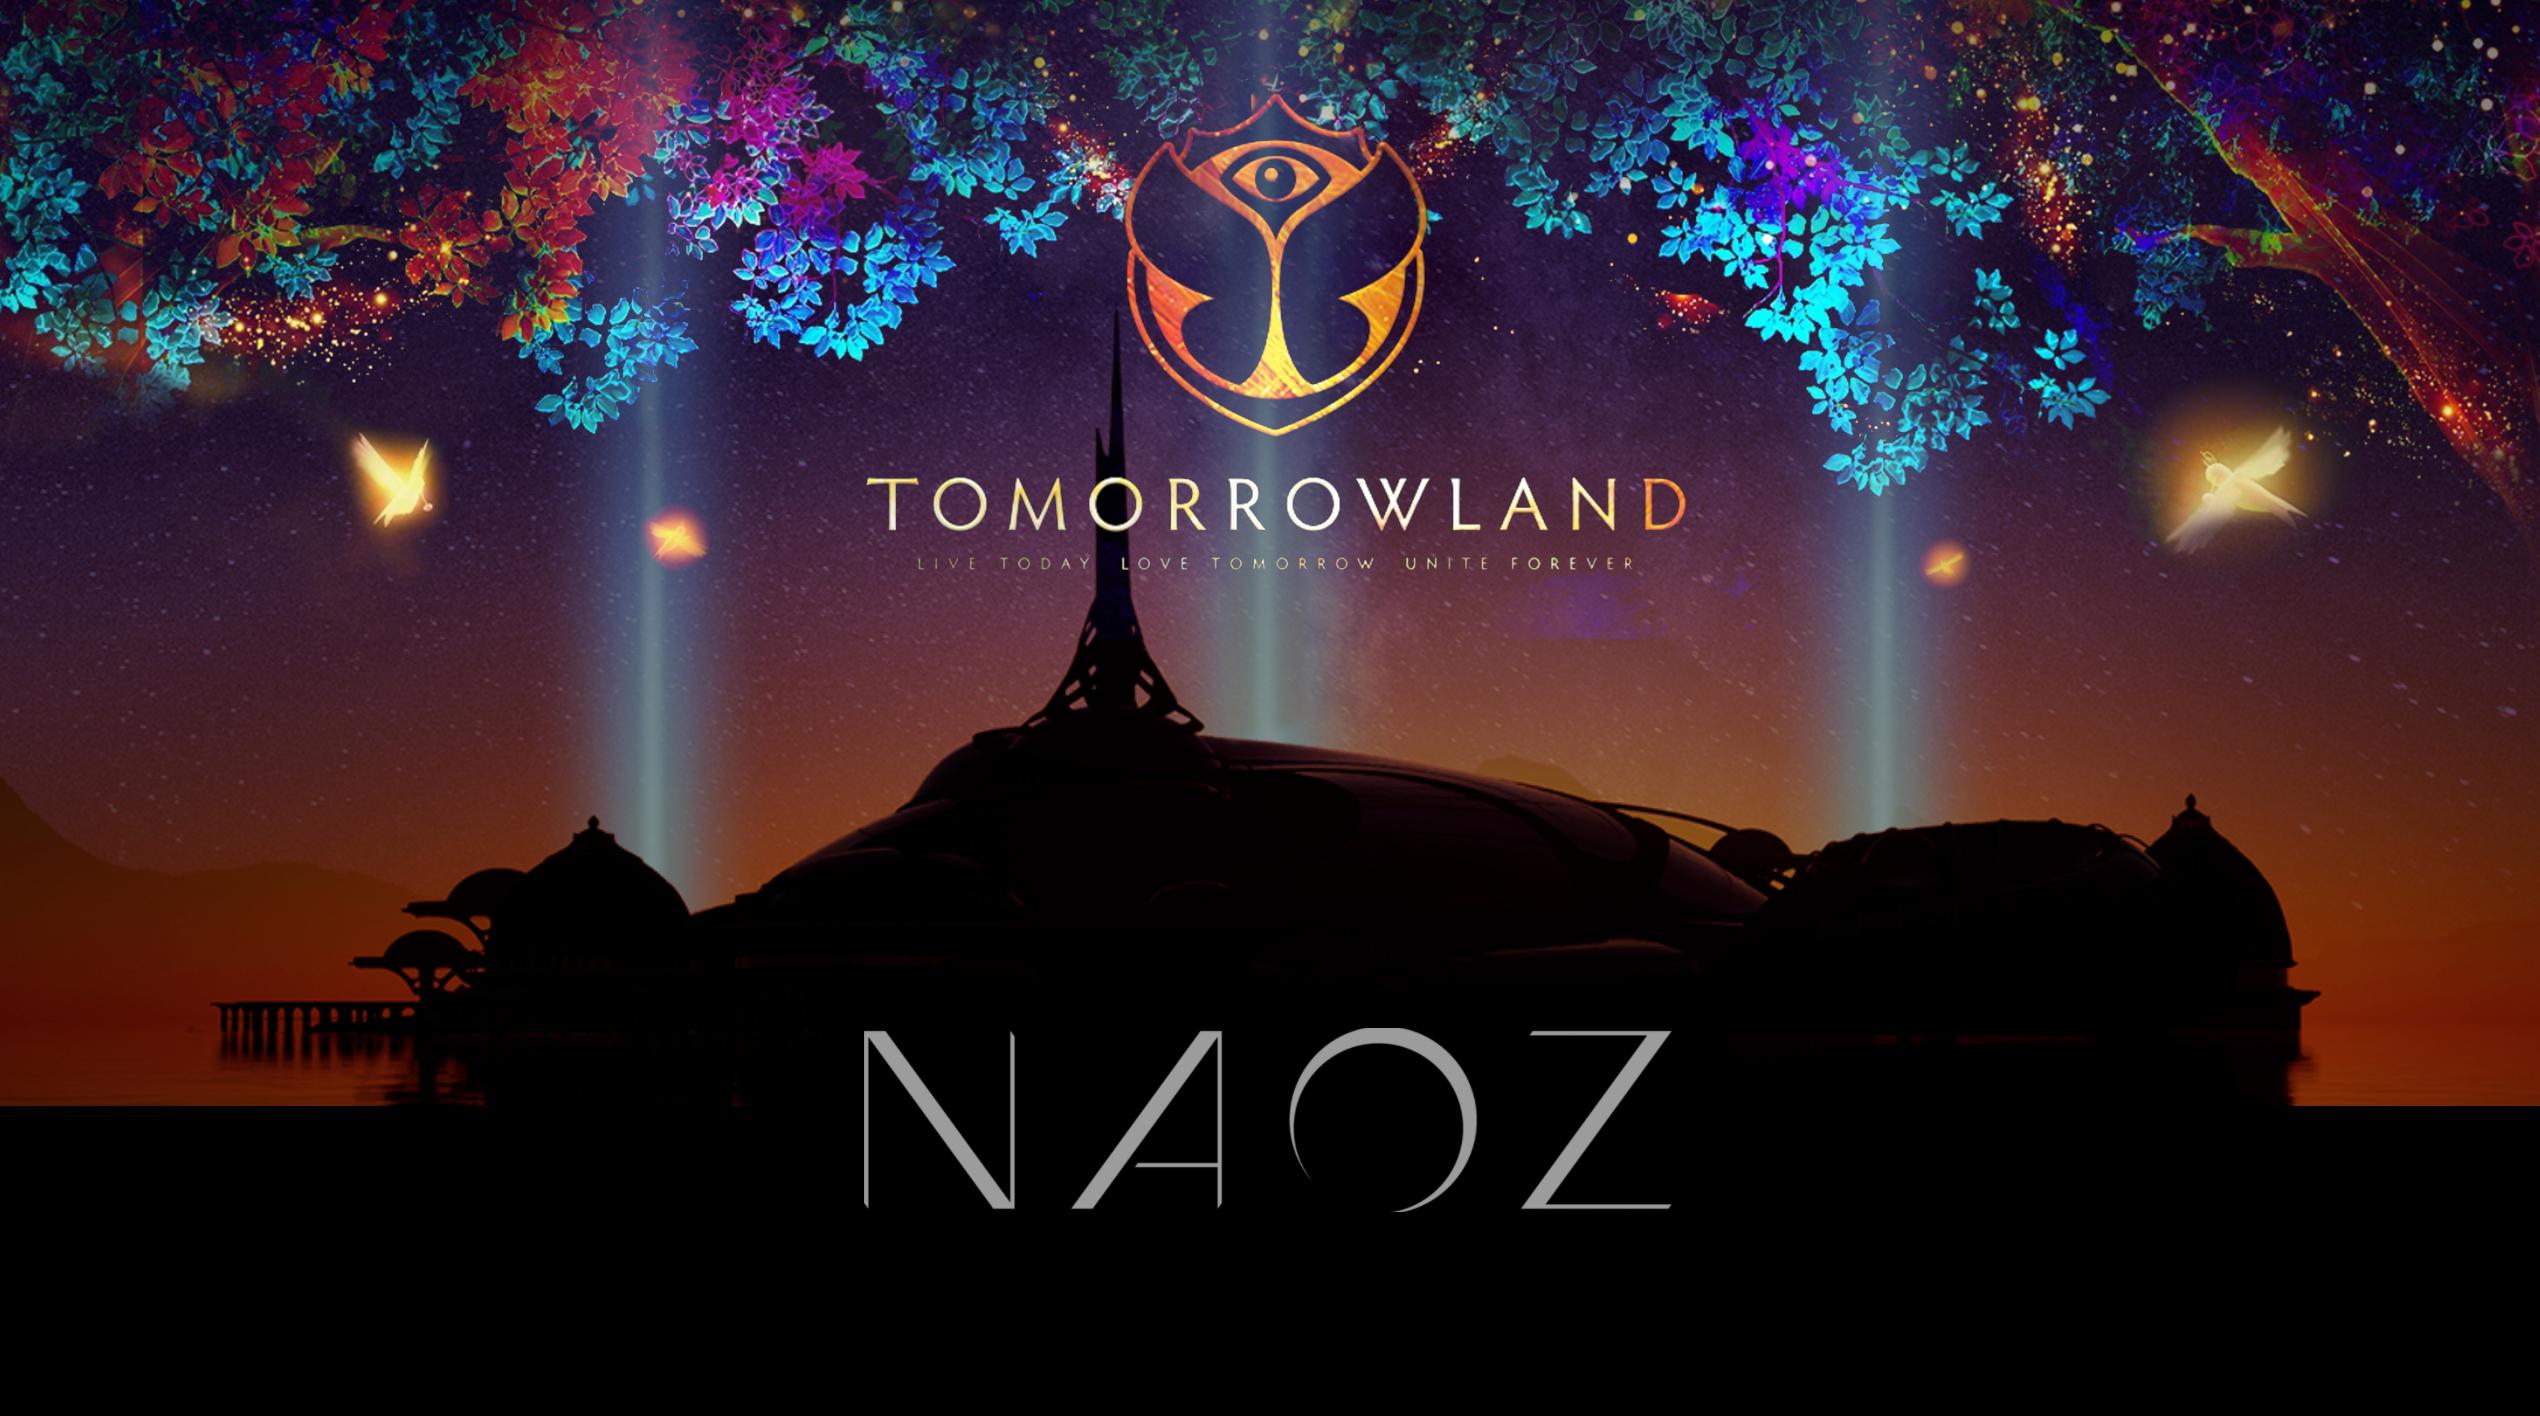 eletrovibez Celebre a virada de ano a nova edição do Tomorrowland virtual